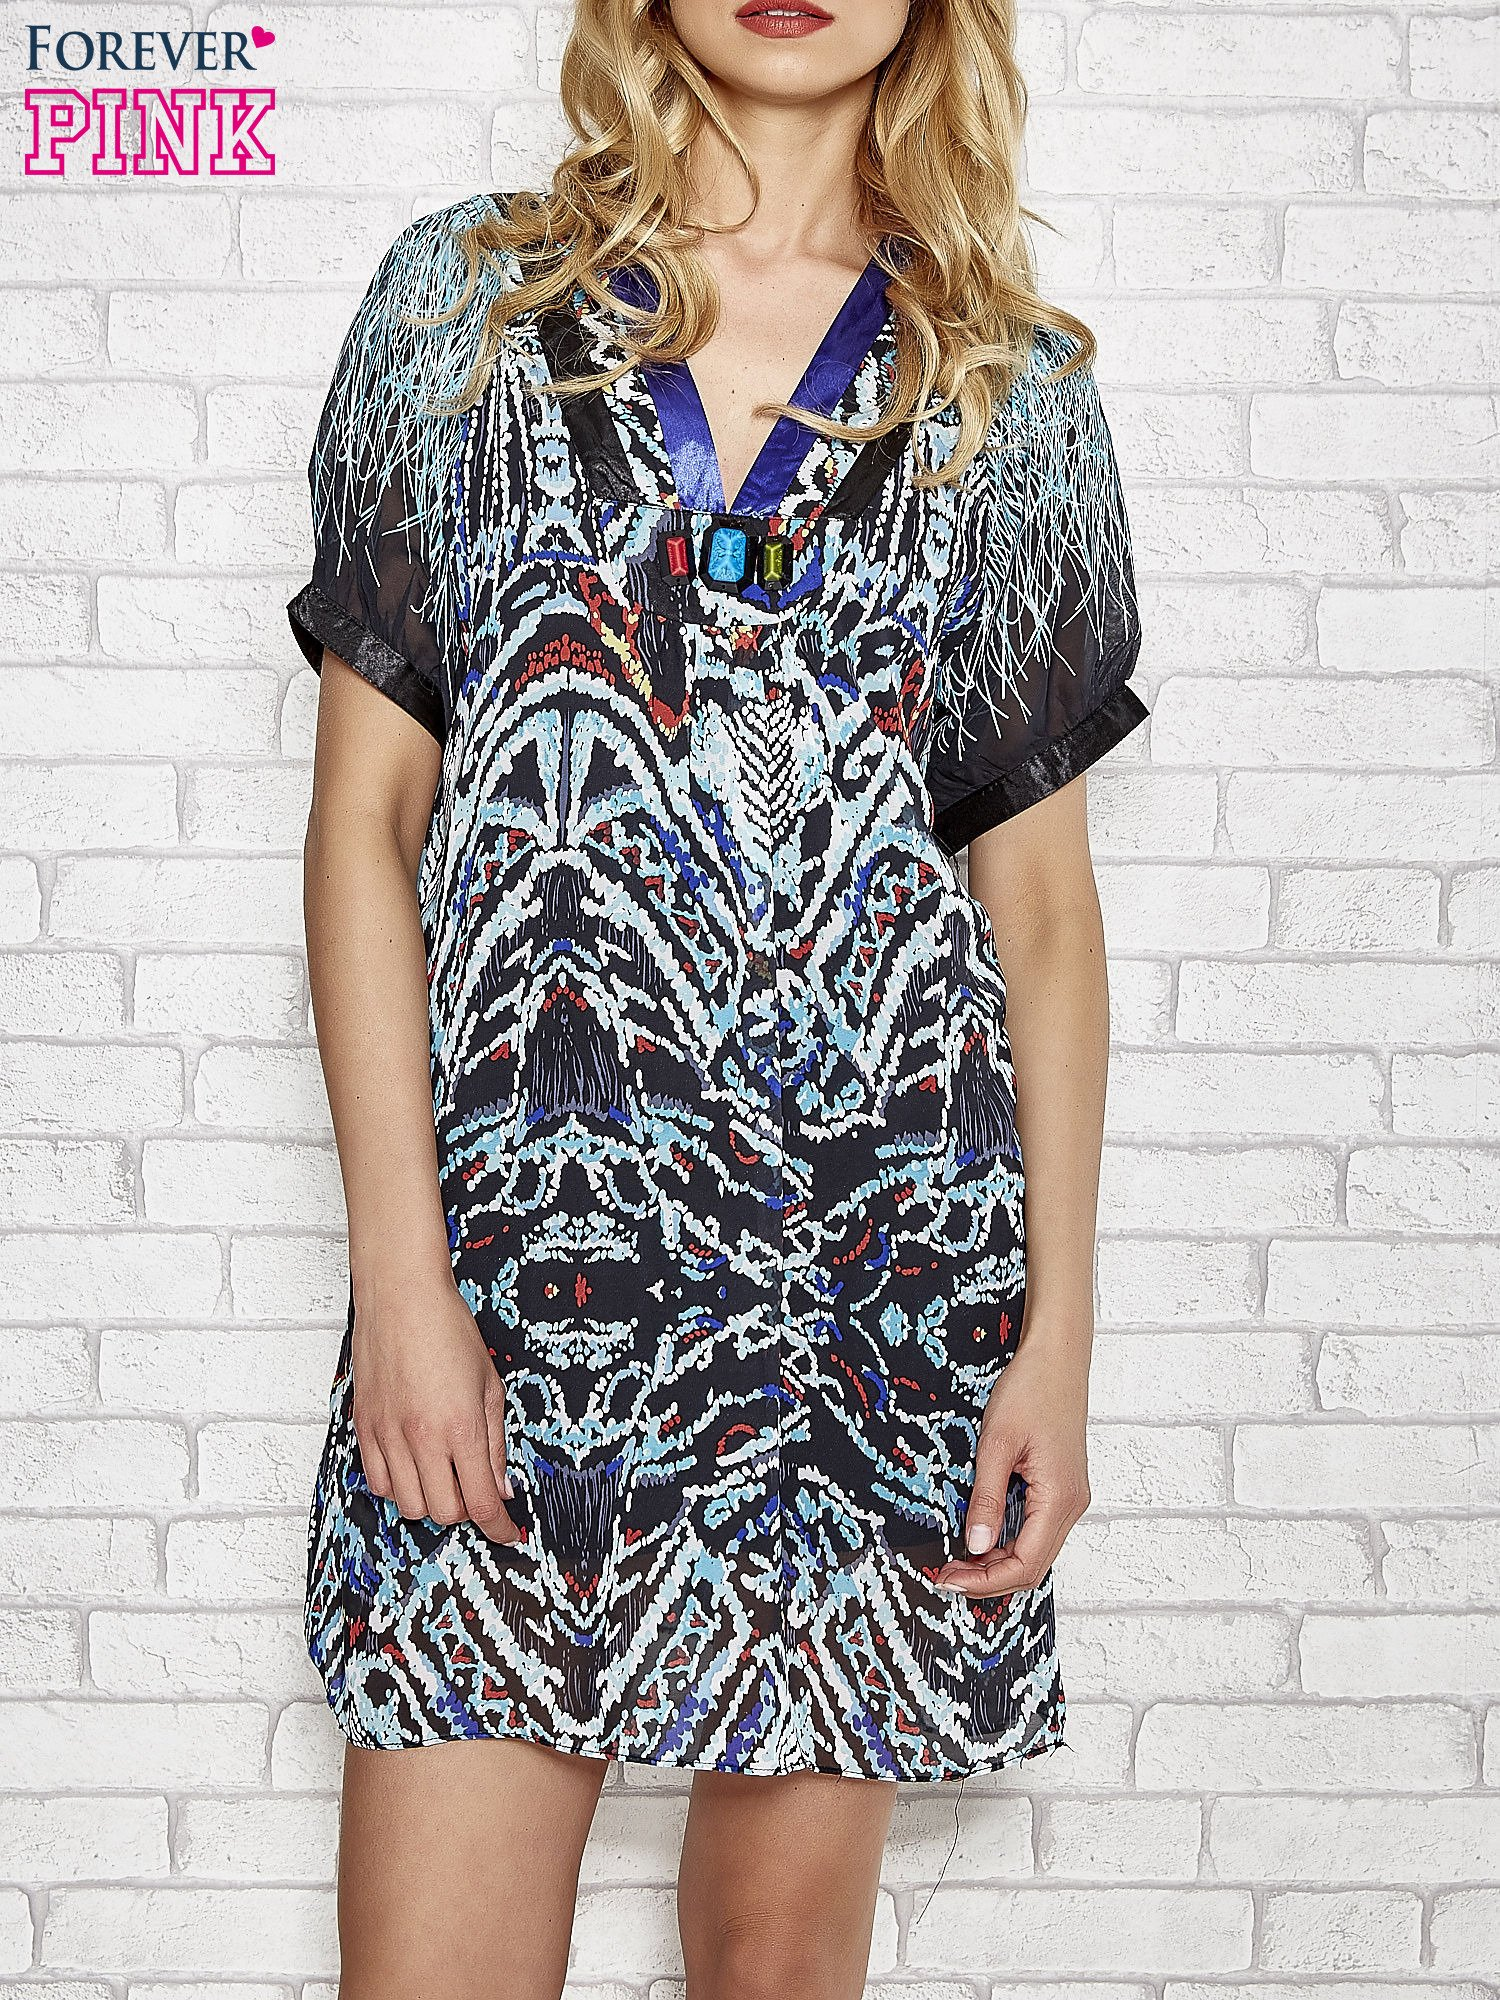 Granatowa wzorzysta sukienka z kamieniami                                  zdj.                                  1